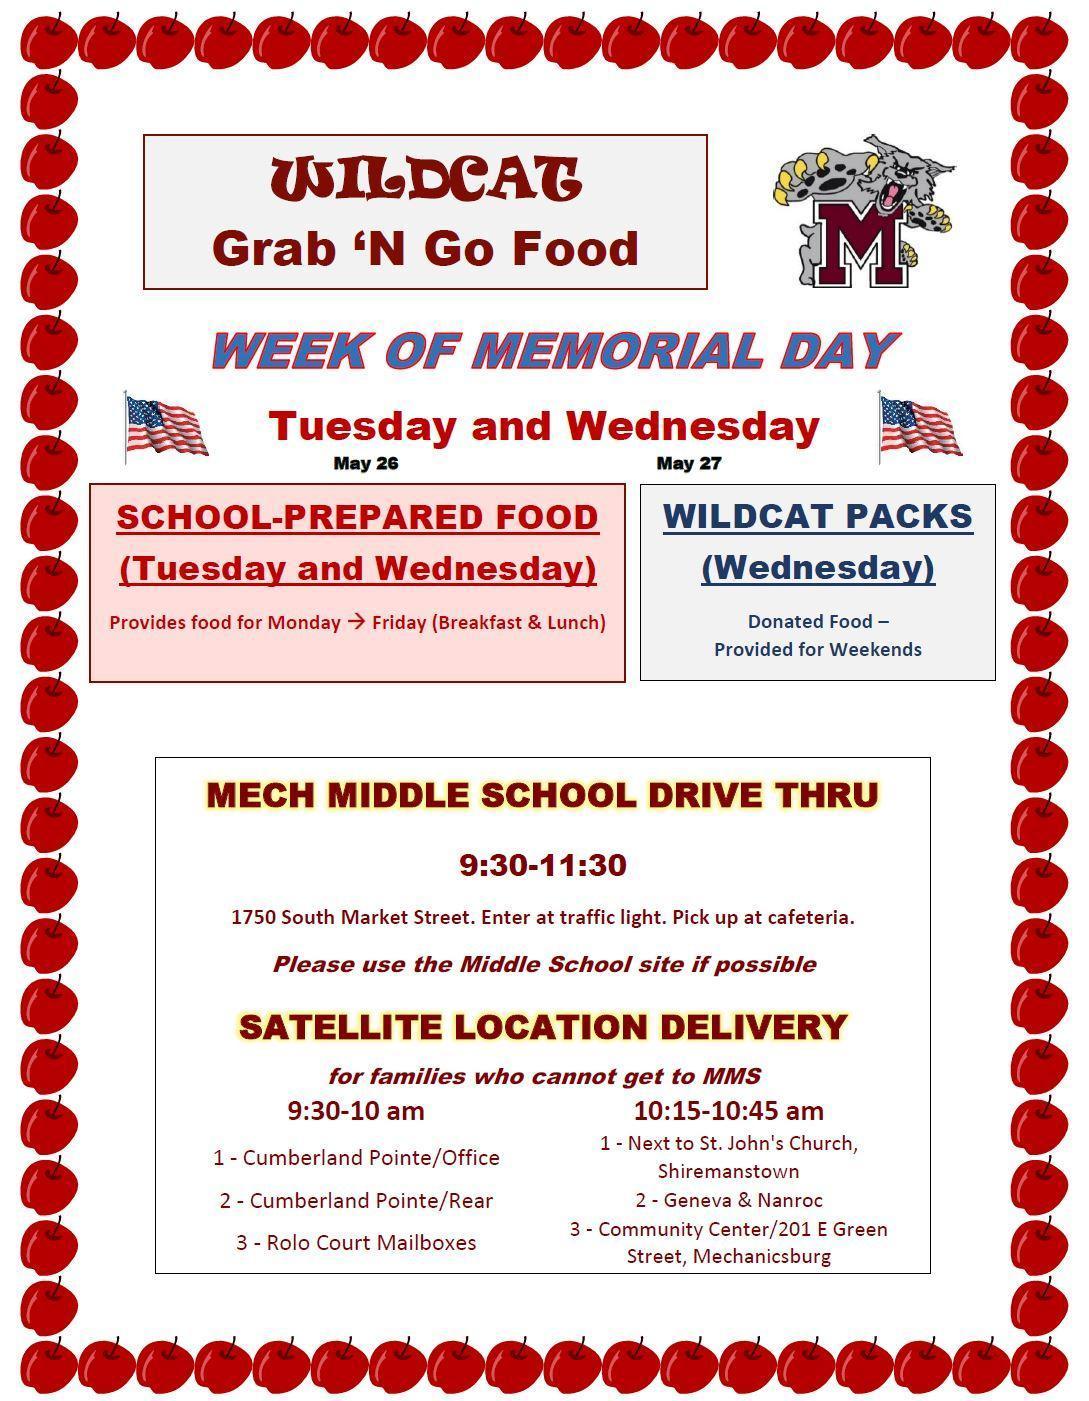 Grab 'N' Go Services - Week of Memorial Day